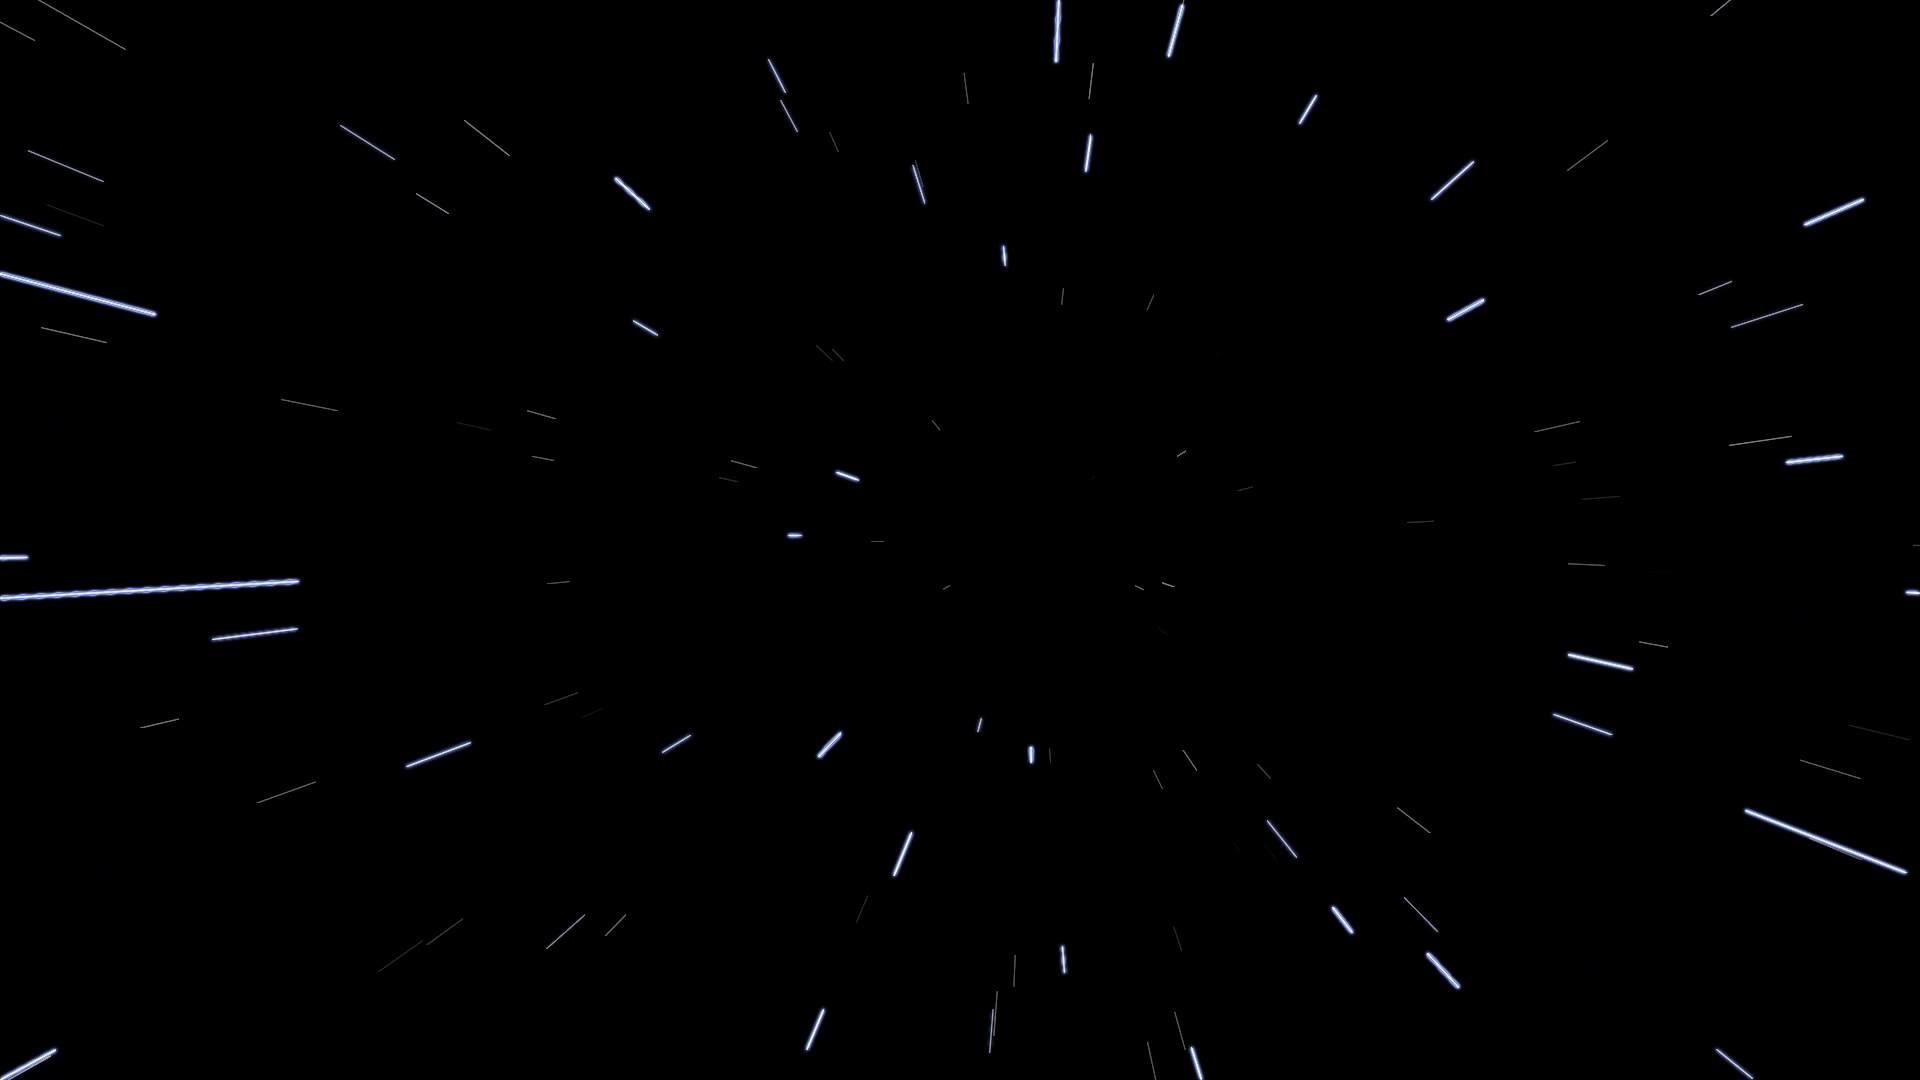 Space Warp Speed Effect Background HD